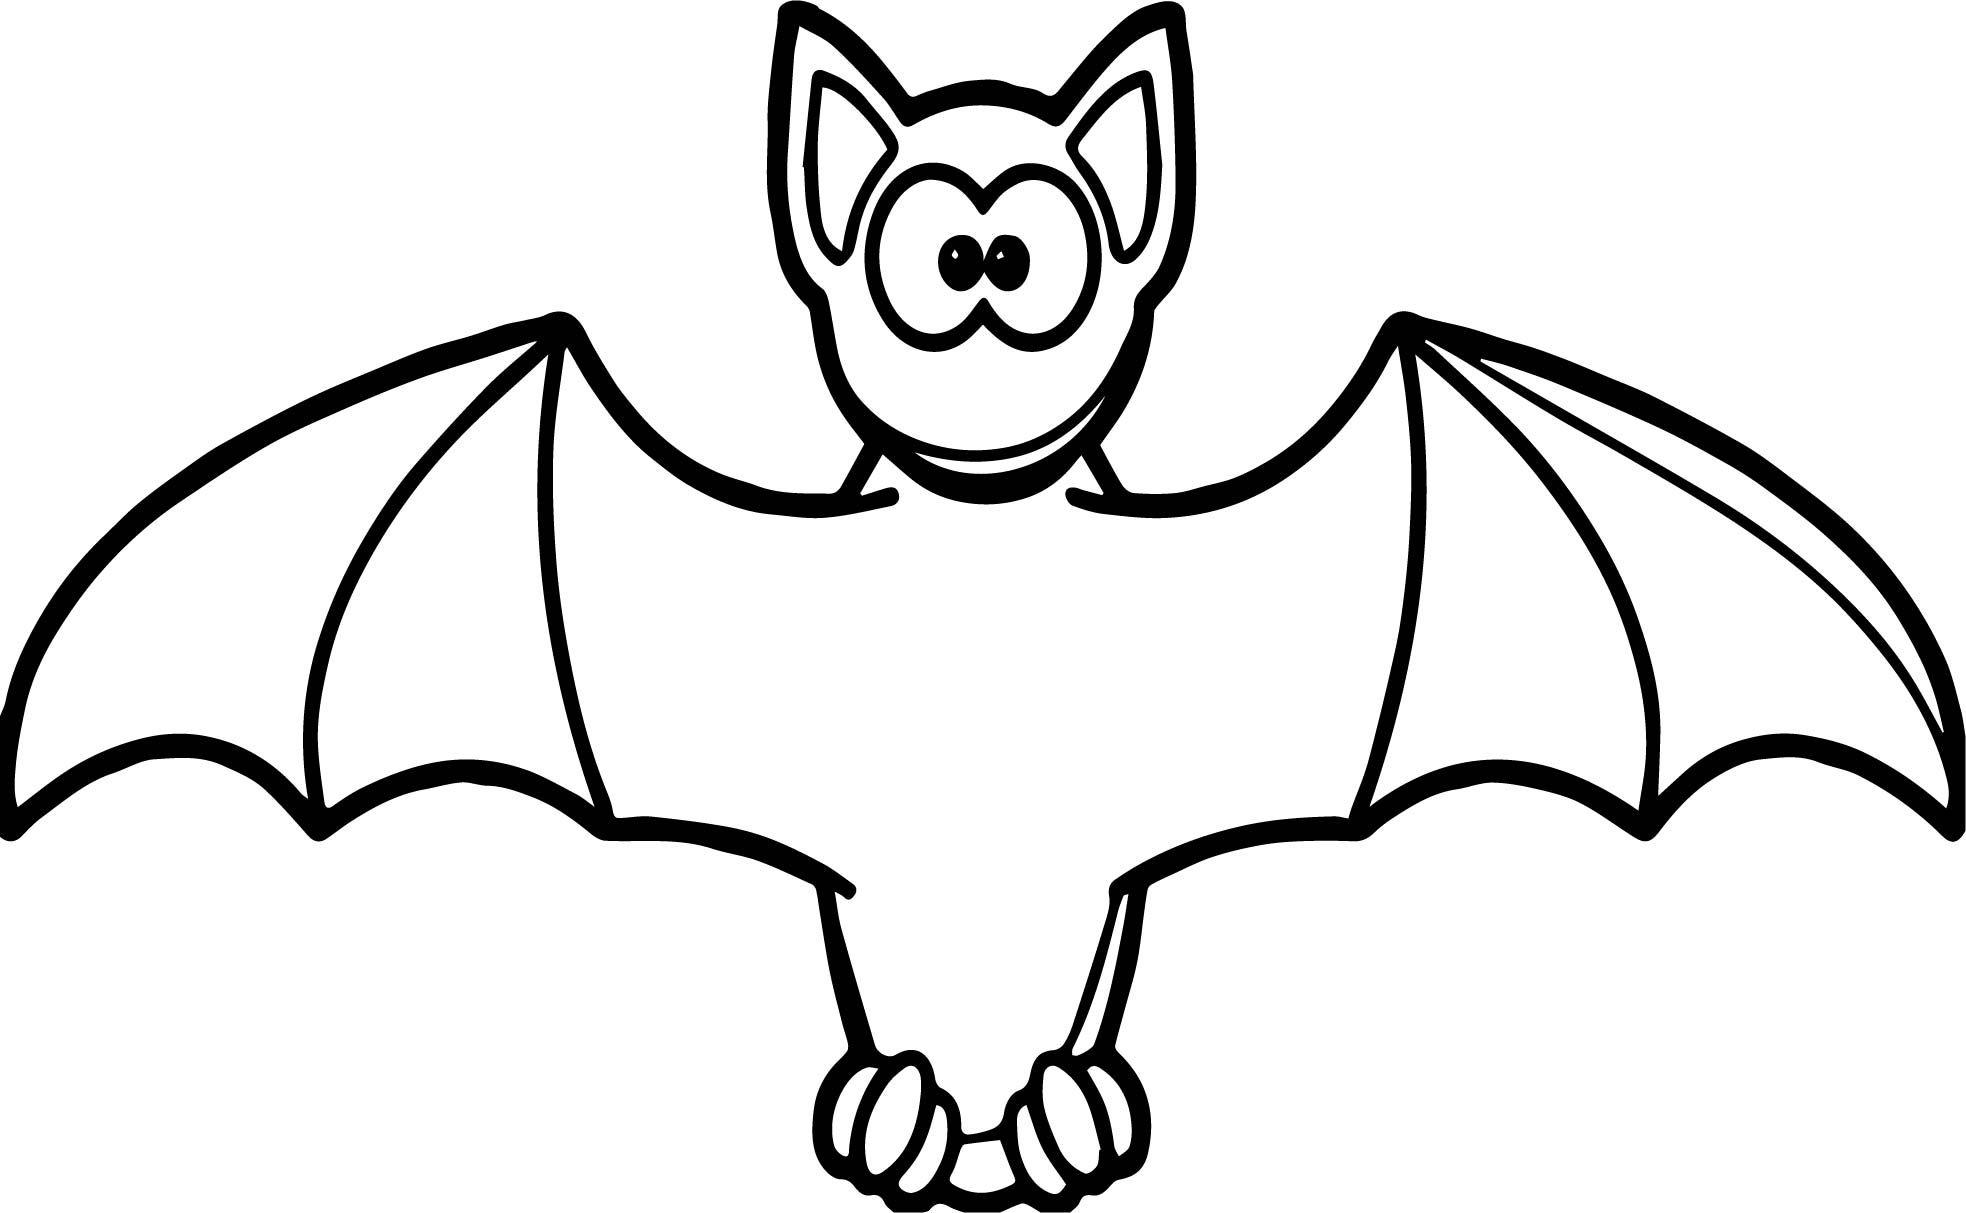 cool Cartooon Vampire Bat Coloring Page Bat coloring